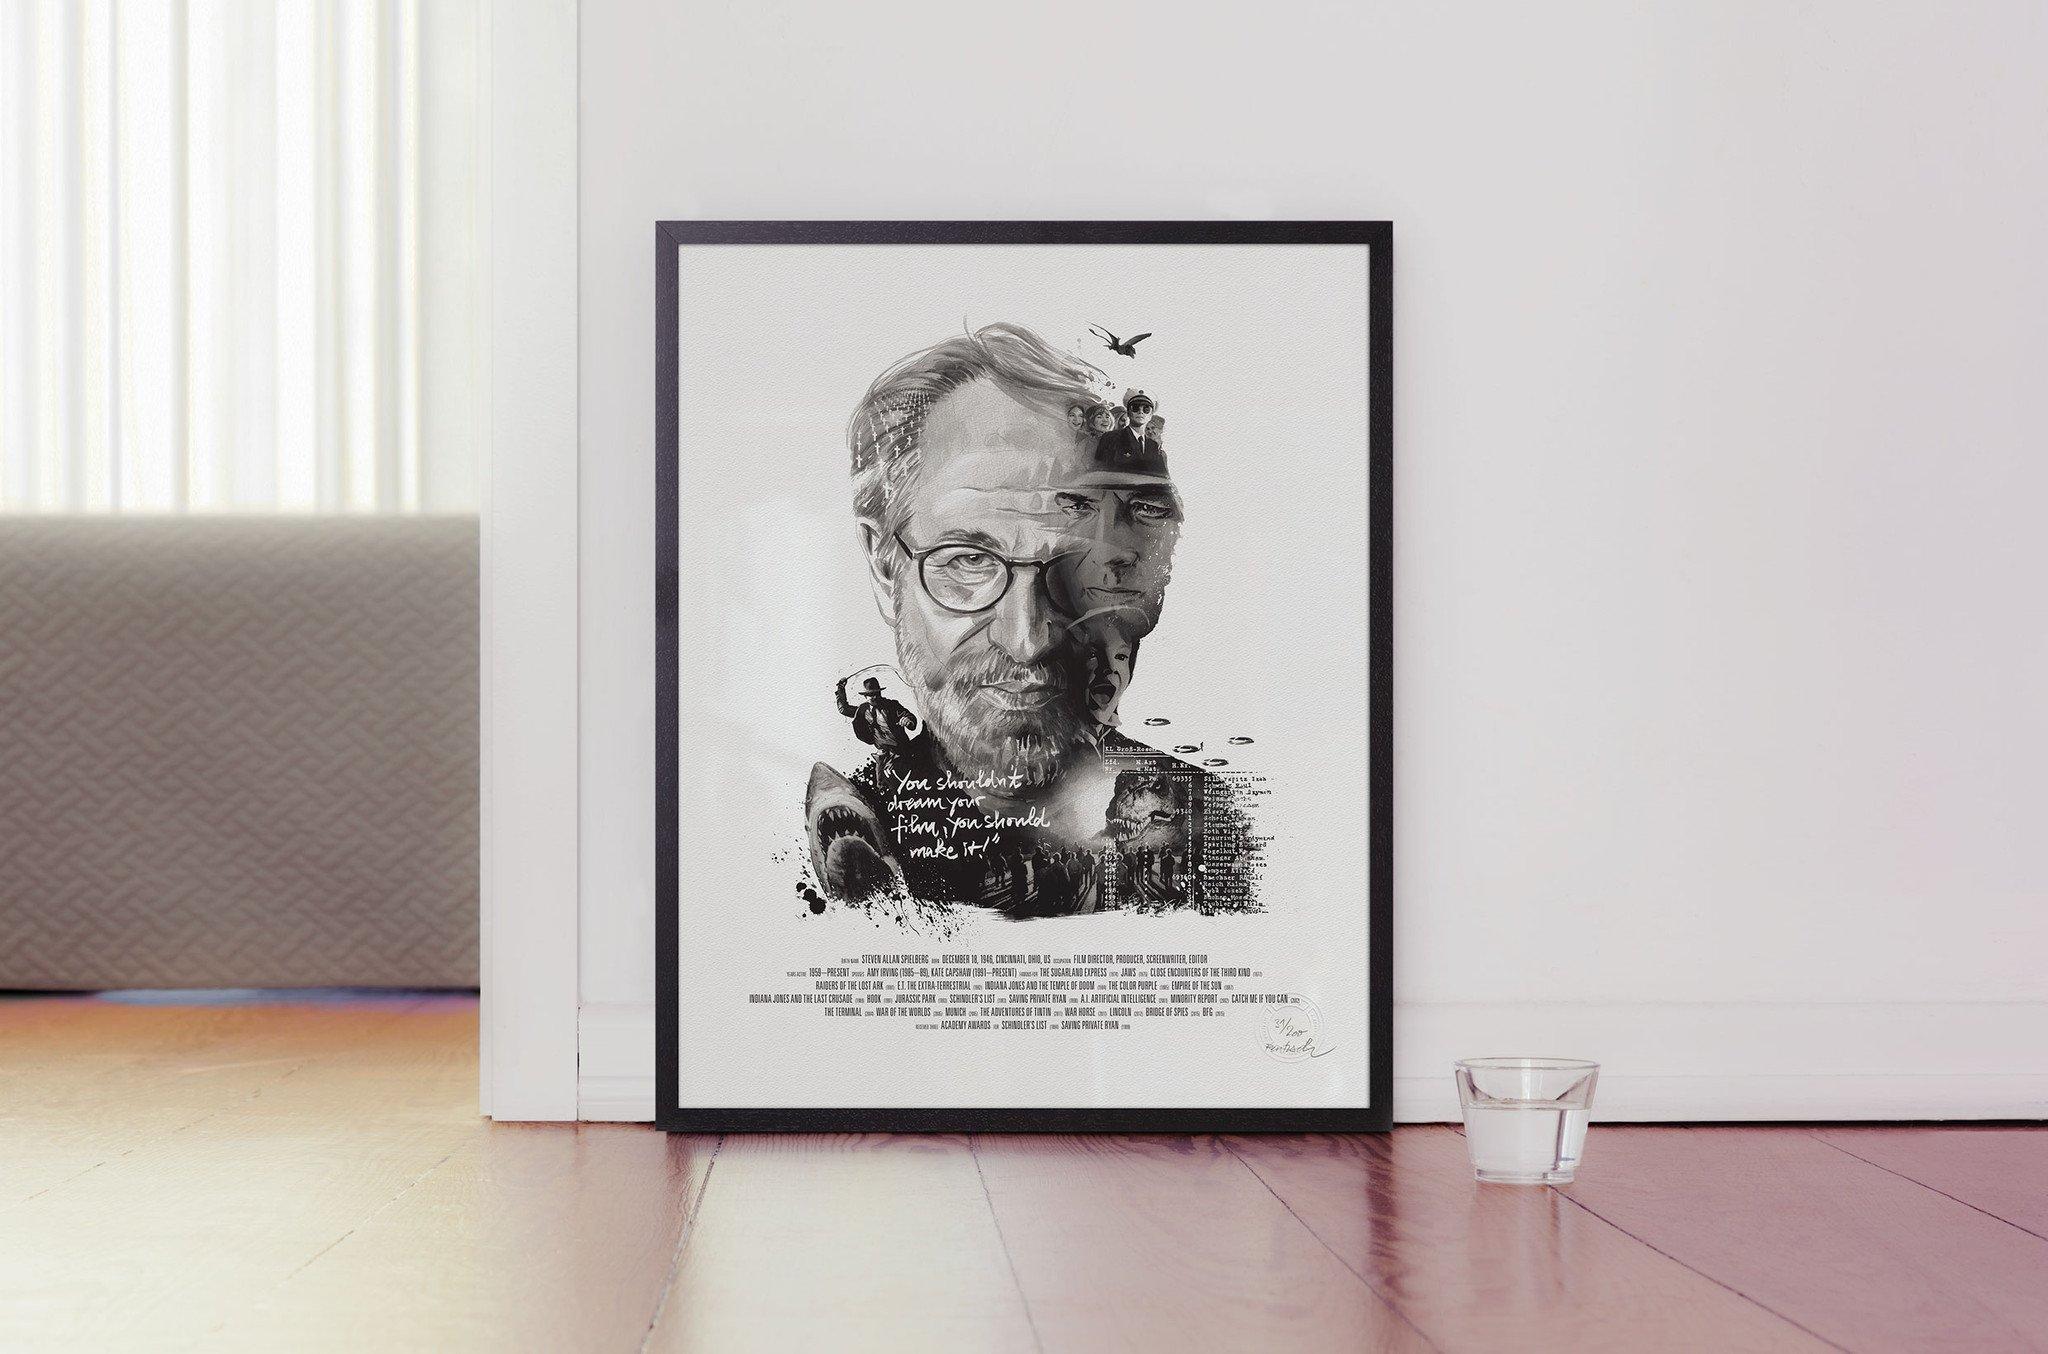 Il regista americano nel bellissimo ritratto dell'illustratore Julian Rentzsch